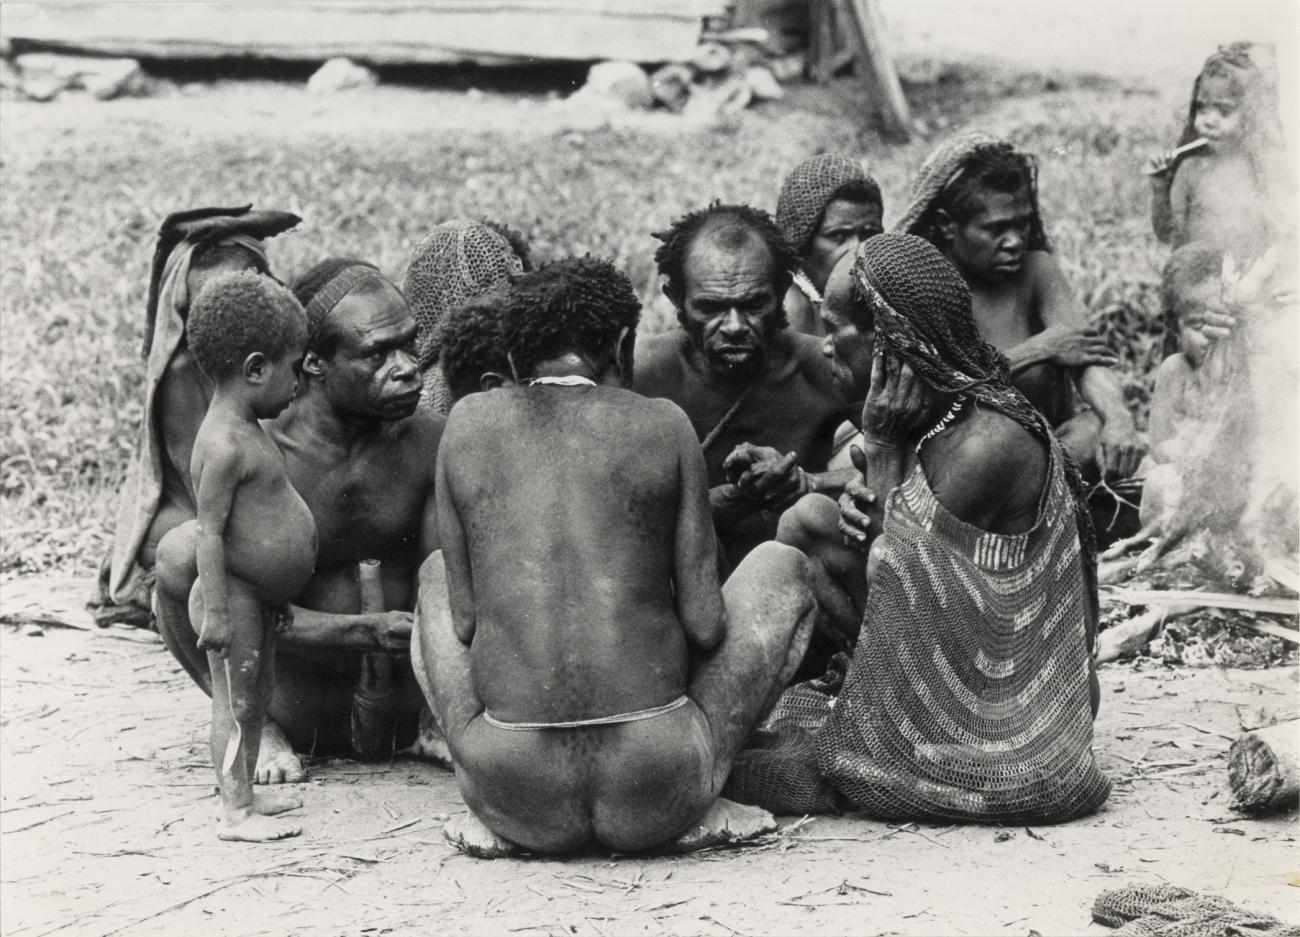 BD/326/26 - Ekagi-mannen beraadslagen onder elkaar, op de achtergrond bereiden vrouwen een varken